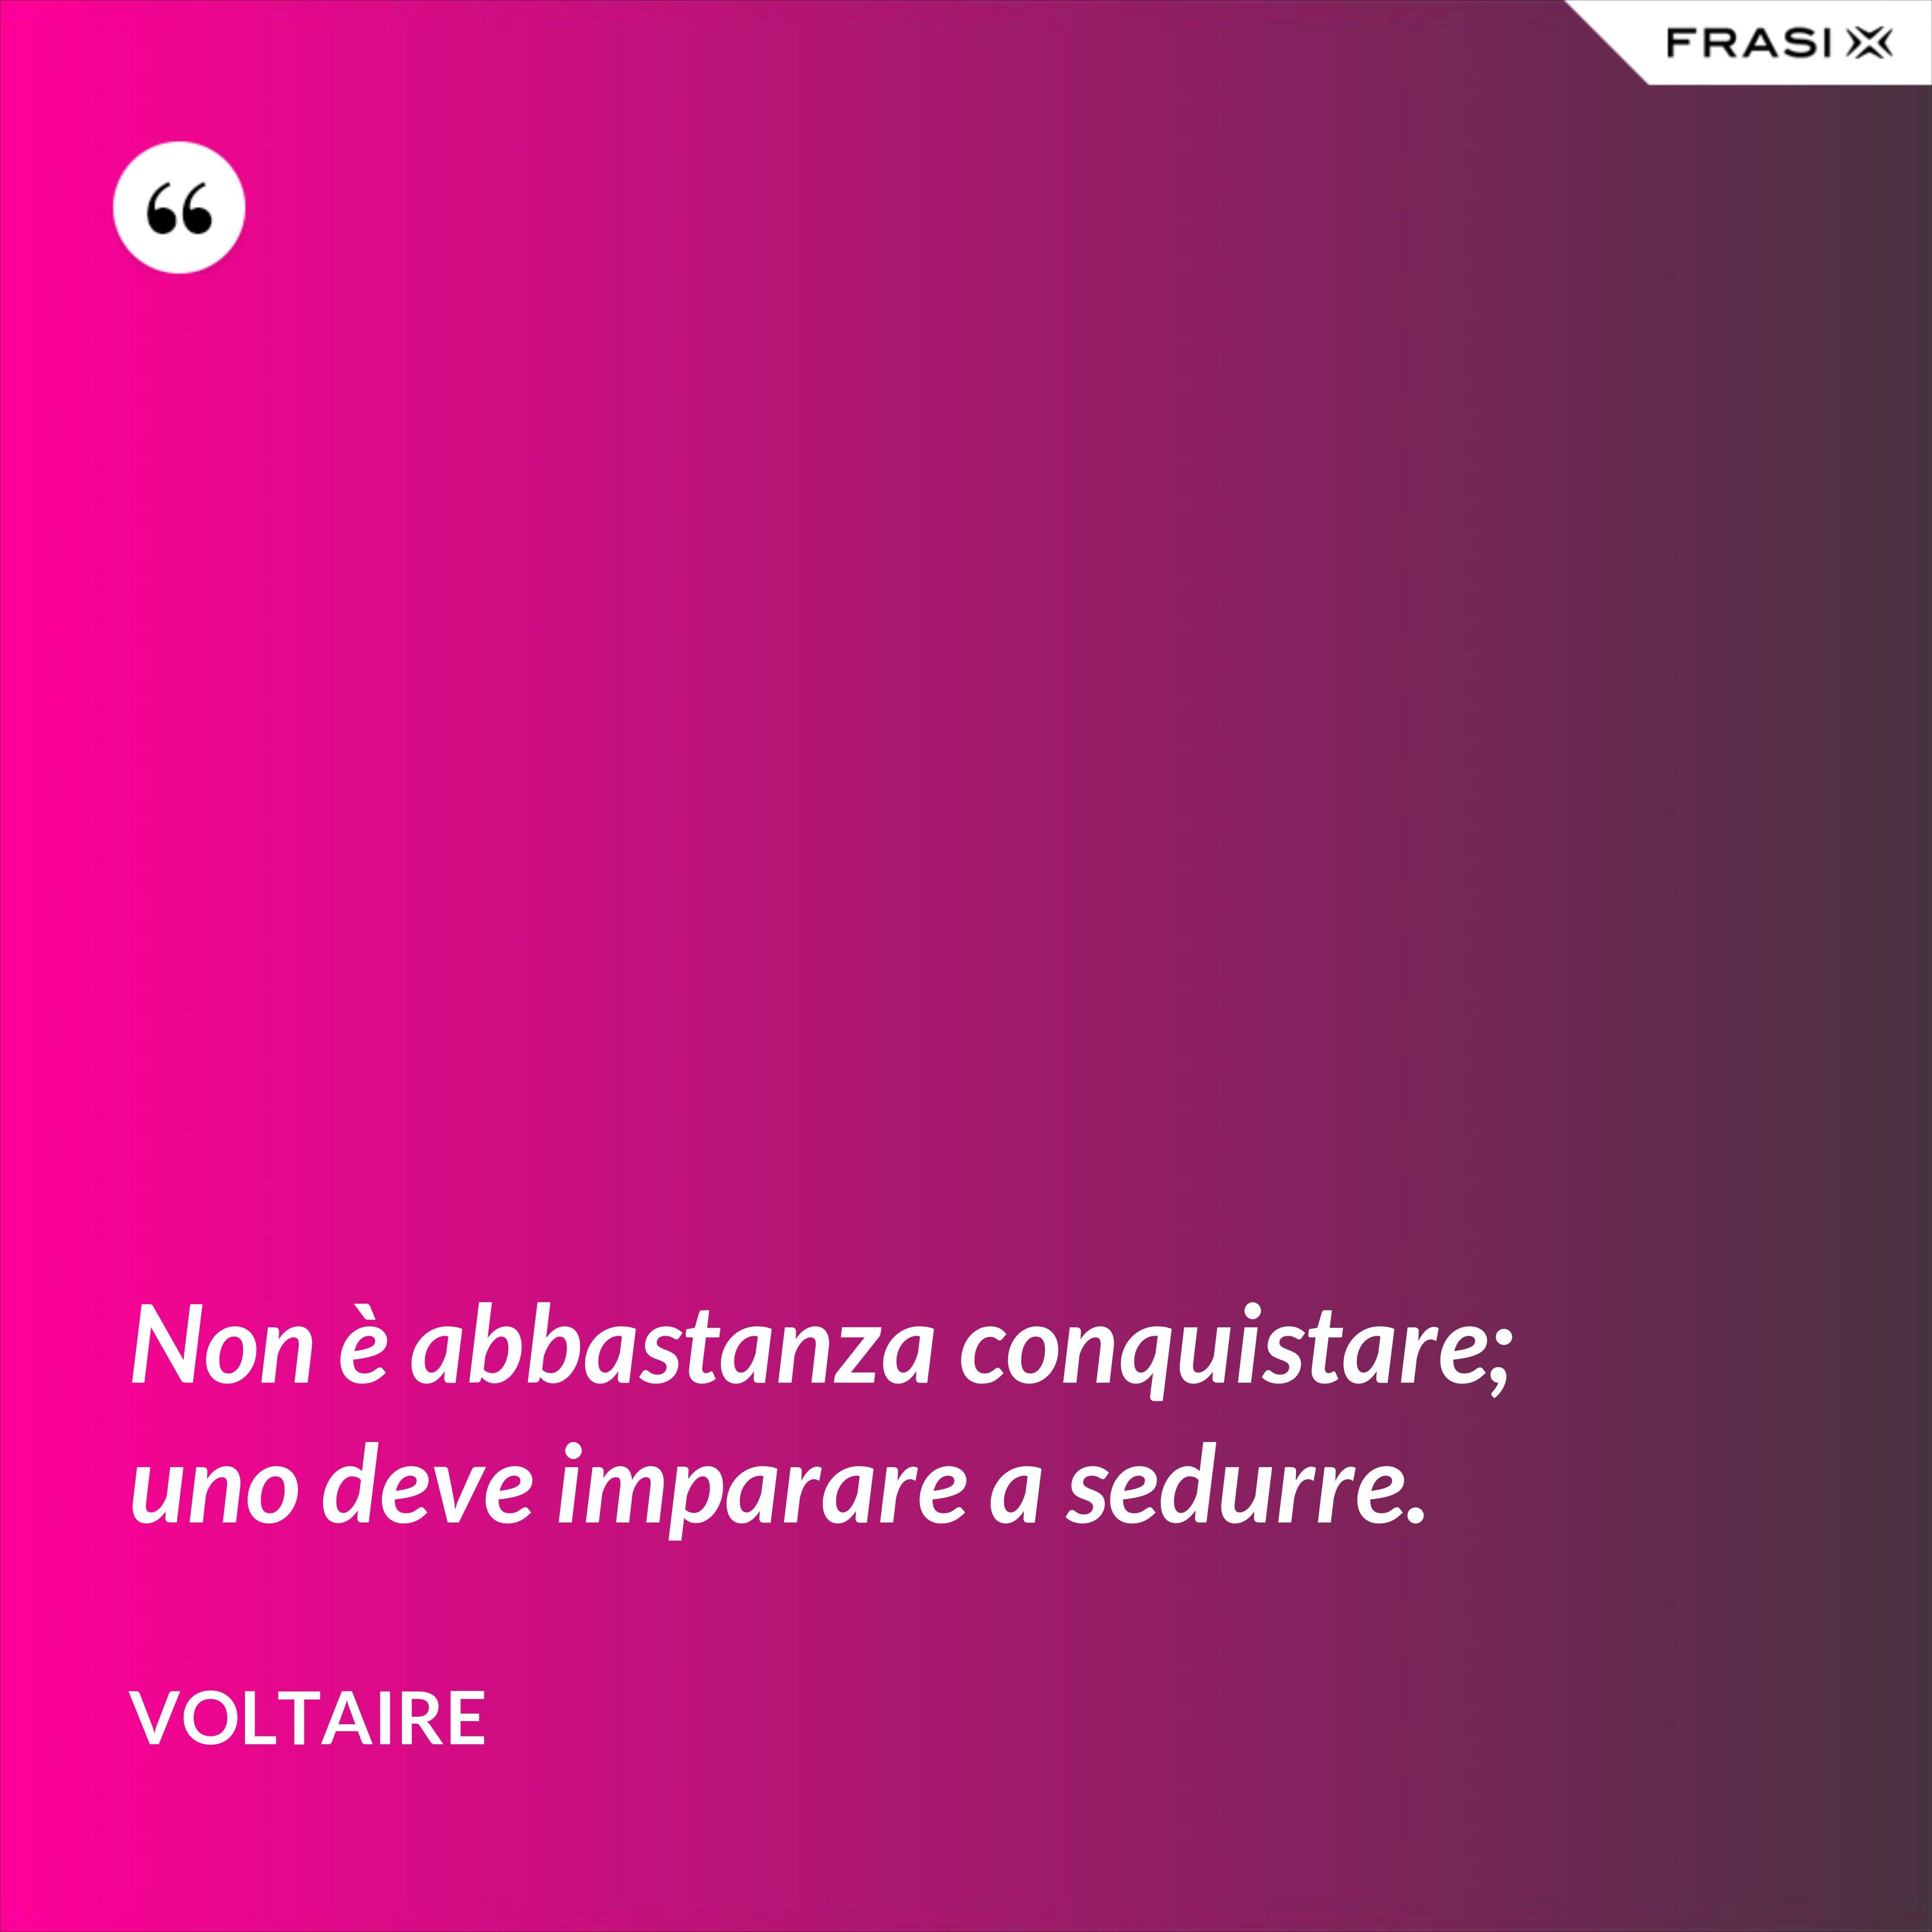 Non è abbastanza conquistare; uno deve imparare a sedurre. - Voltaire